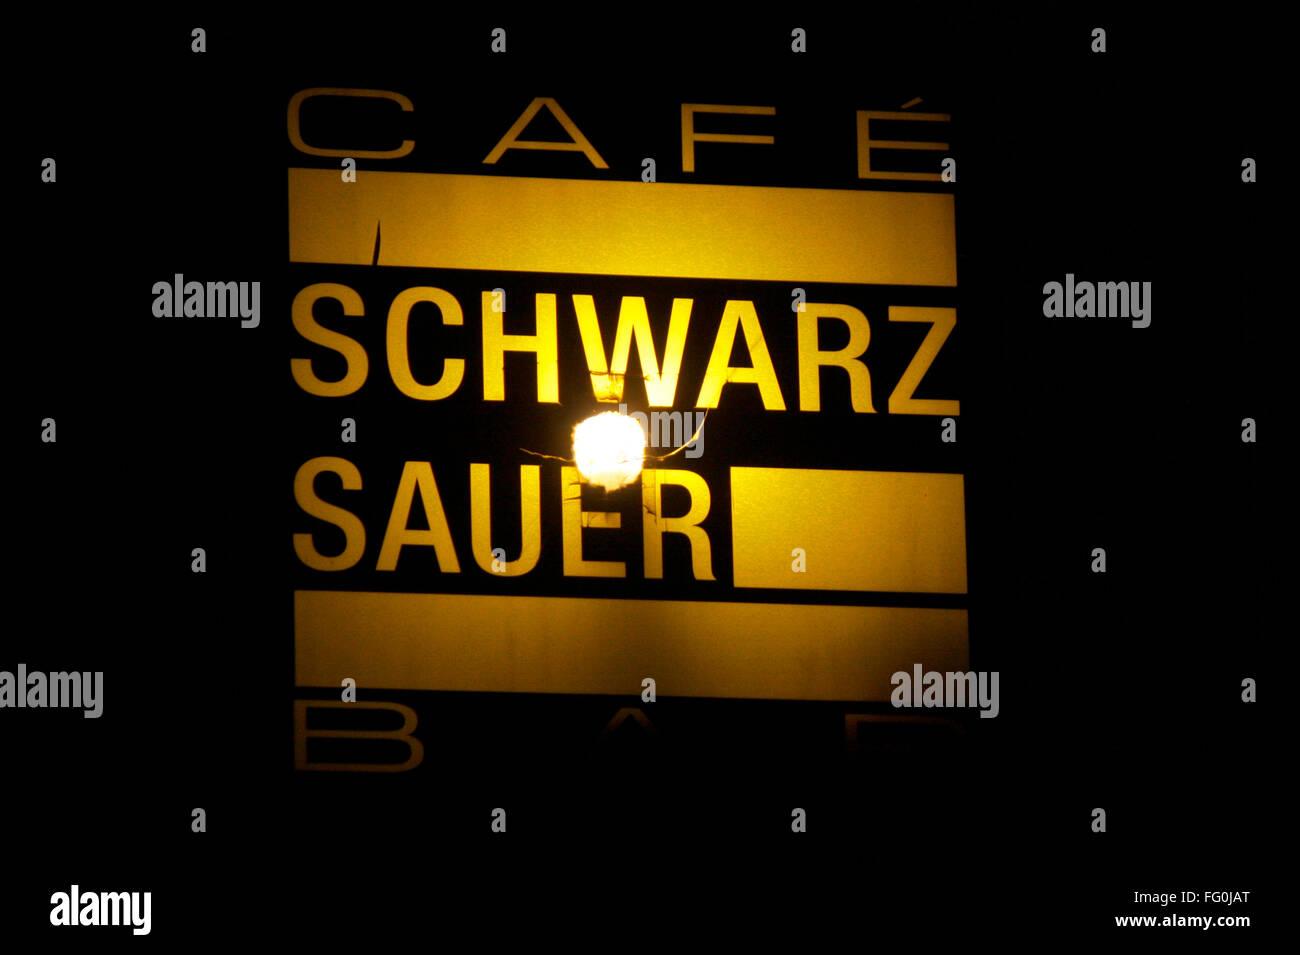 Markenname: 'Schwarz Sauer', Berlin. - Stock Image